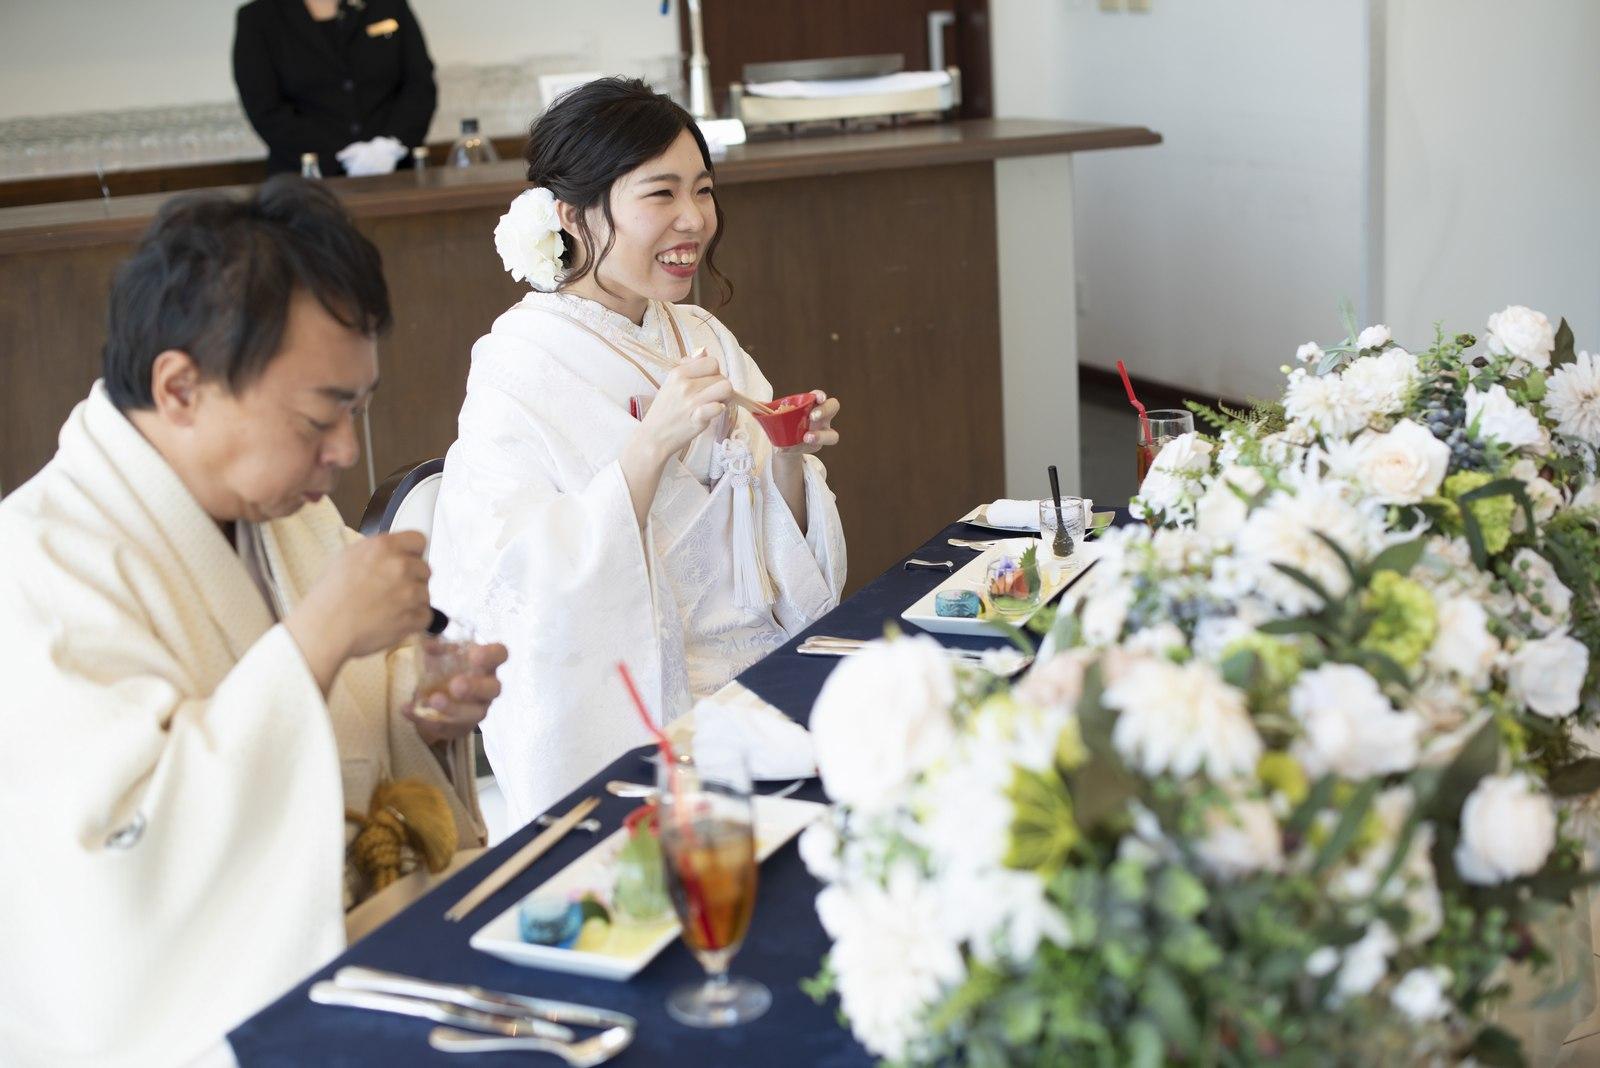 徳島市の結婚式場ブランアンジュの披露宴会場で食事をしながらゲストと楽しそうに話す新婦